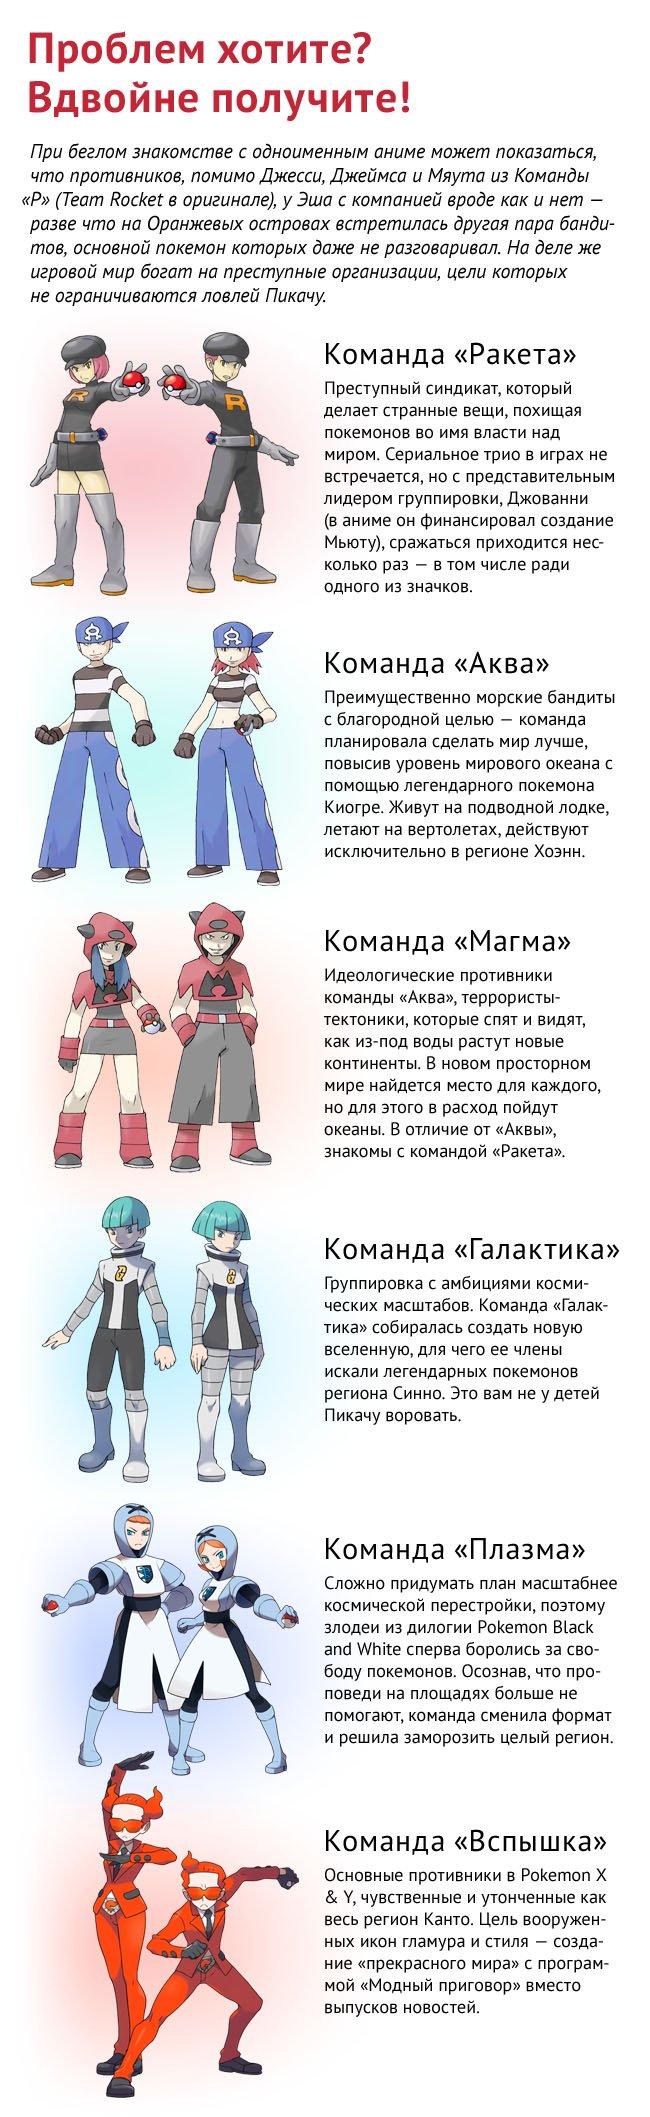 «Покемоны» как вселенная и как бизнес | Канобу - Изображение 2